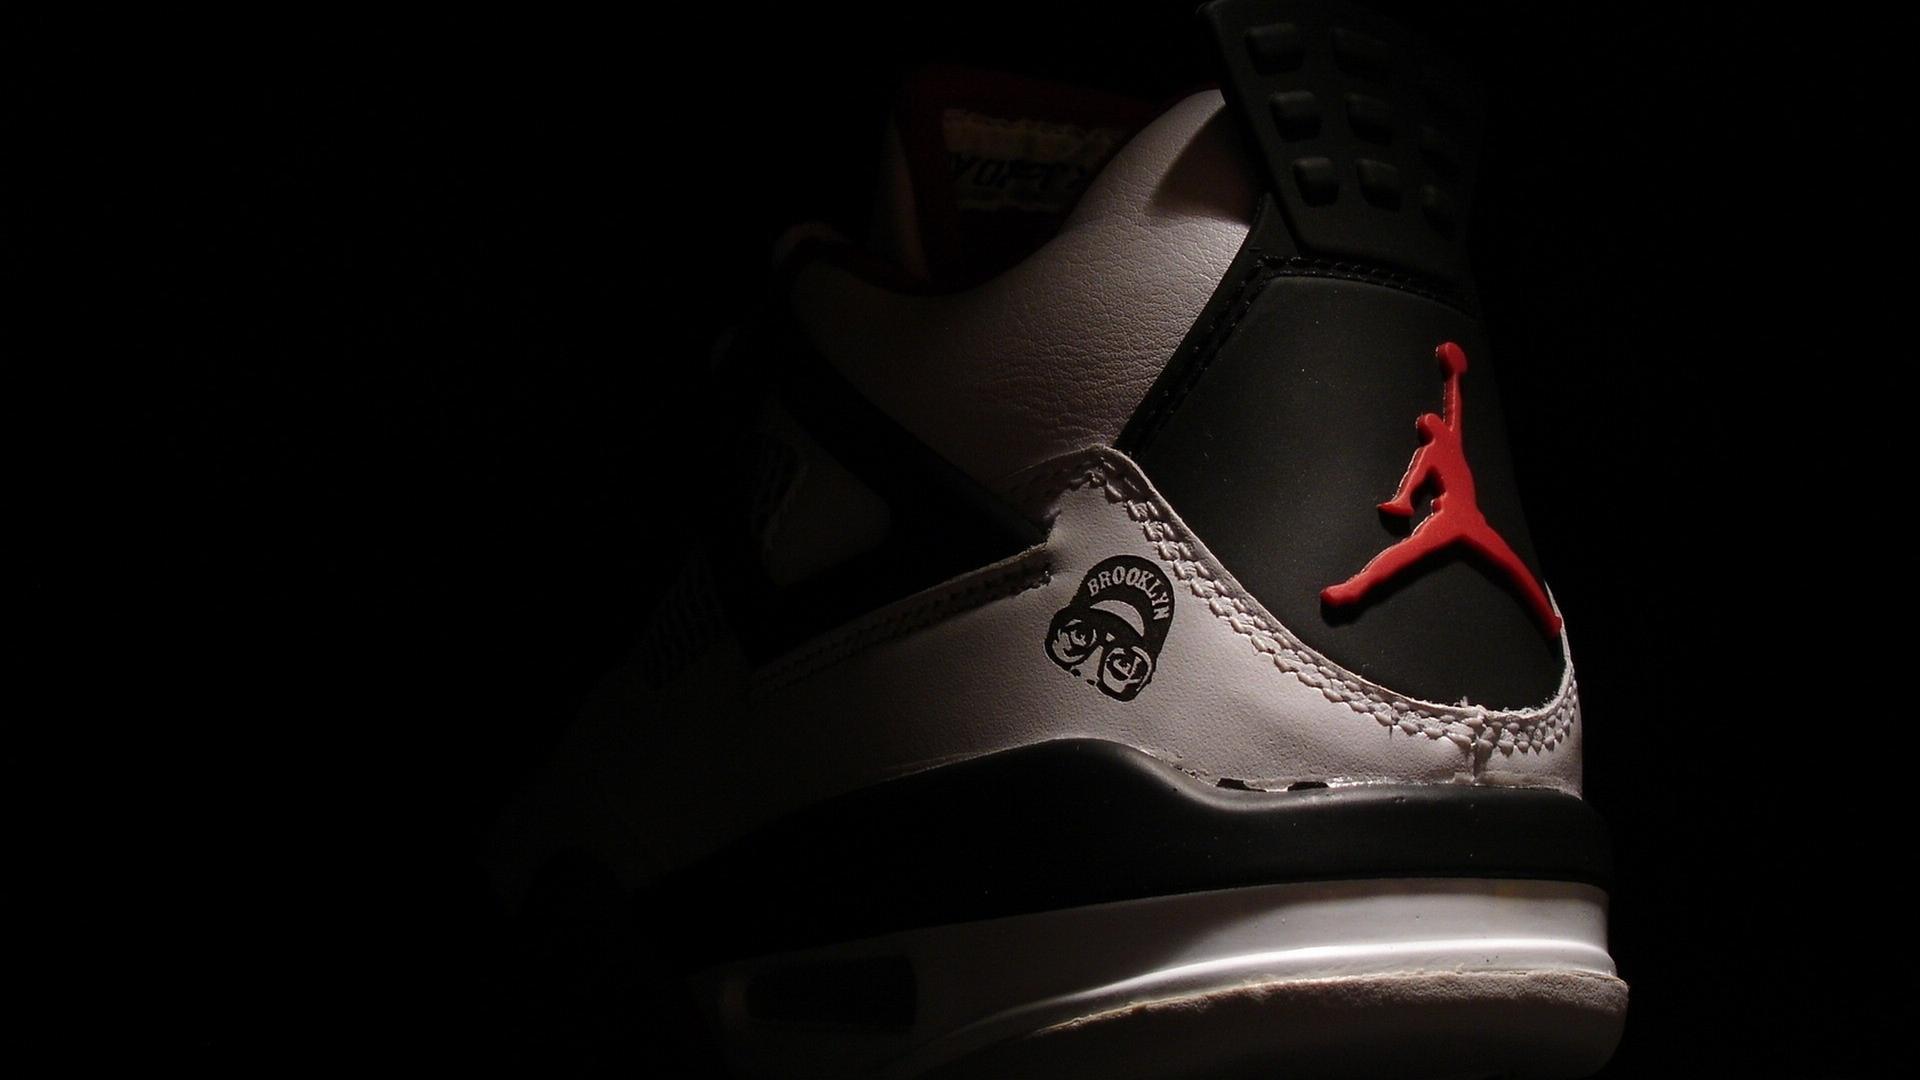 Michael Jordan Wallpaper Shoes Air Jordan Logo 1080 245564 Hd Wallpaper Backgrounds Download